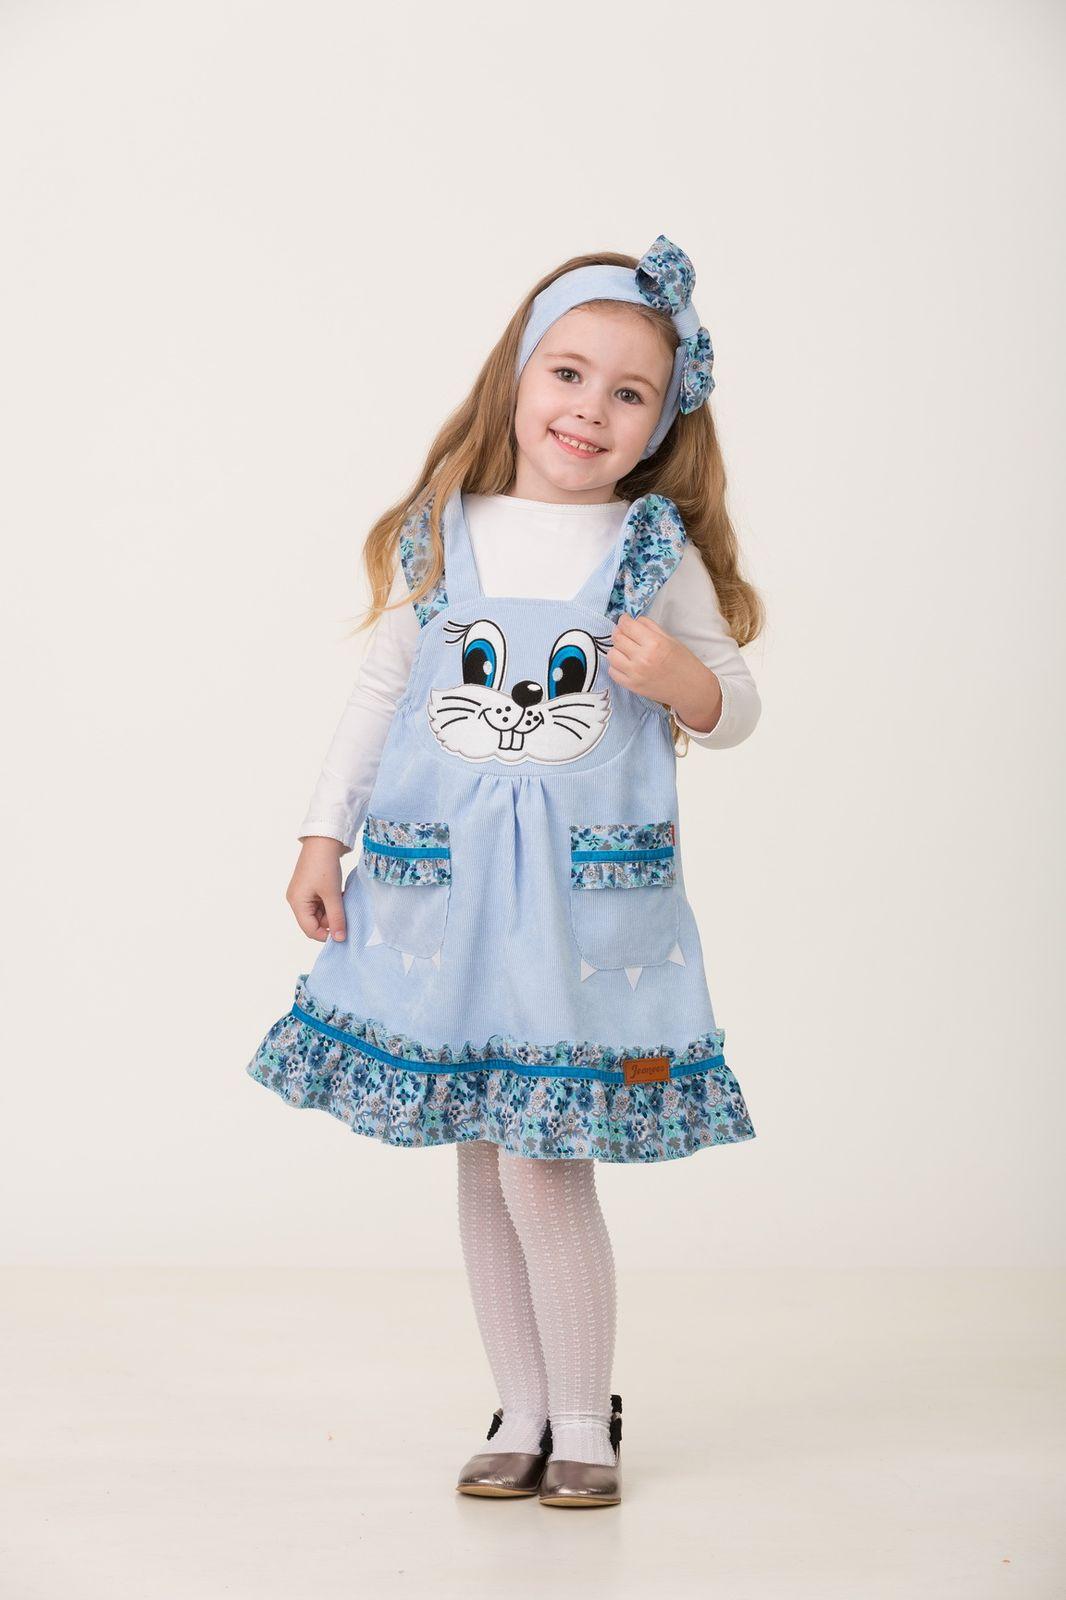 Карнавальный костюм Jeanees Зайка Капризка, цвет: голубой. Размер: 28 карнавальный костюм jeanees зайка капризка цвет голубой размер 30